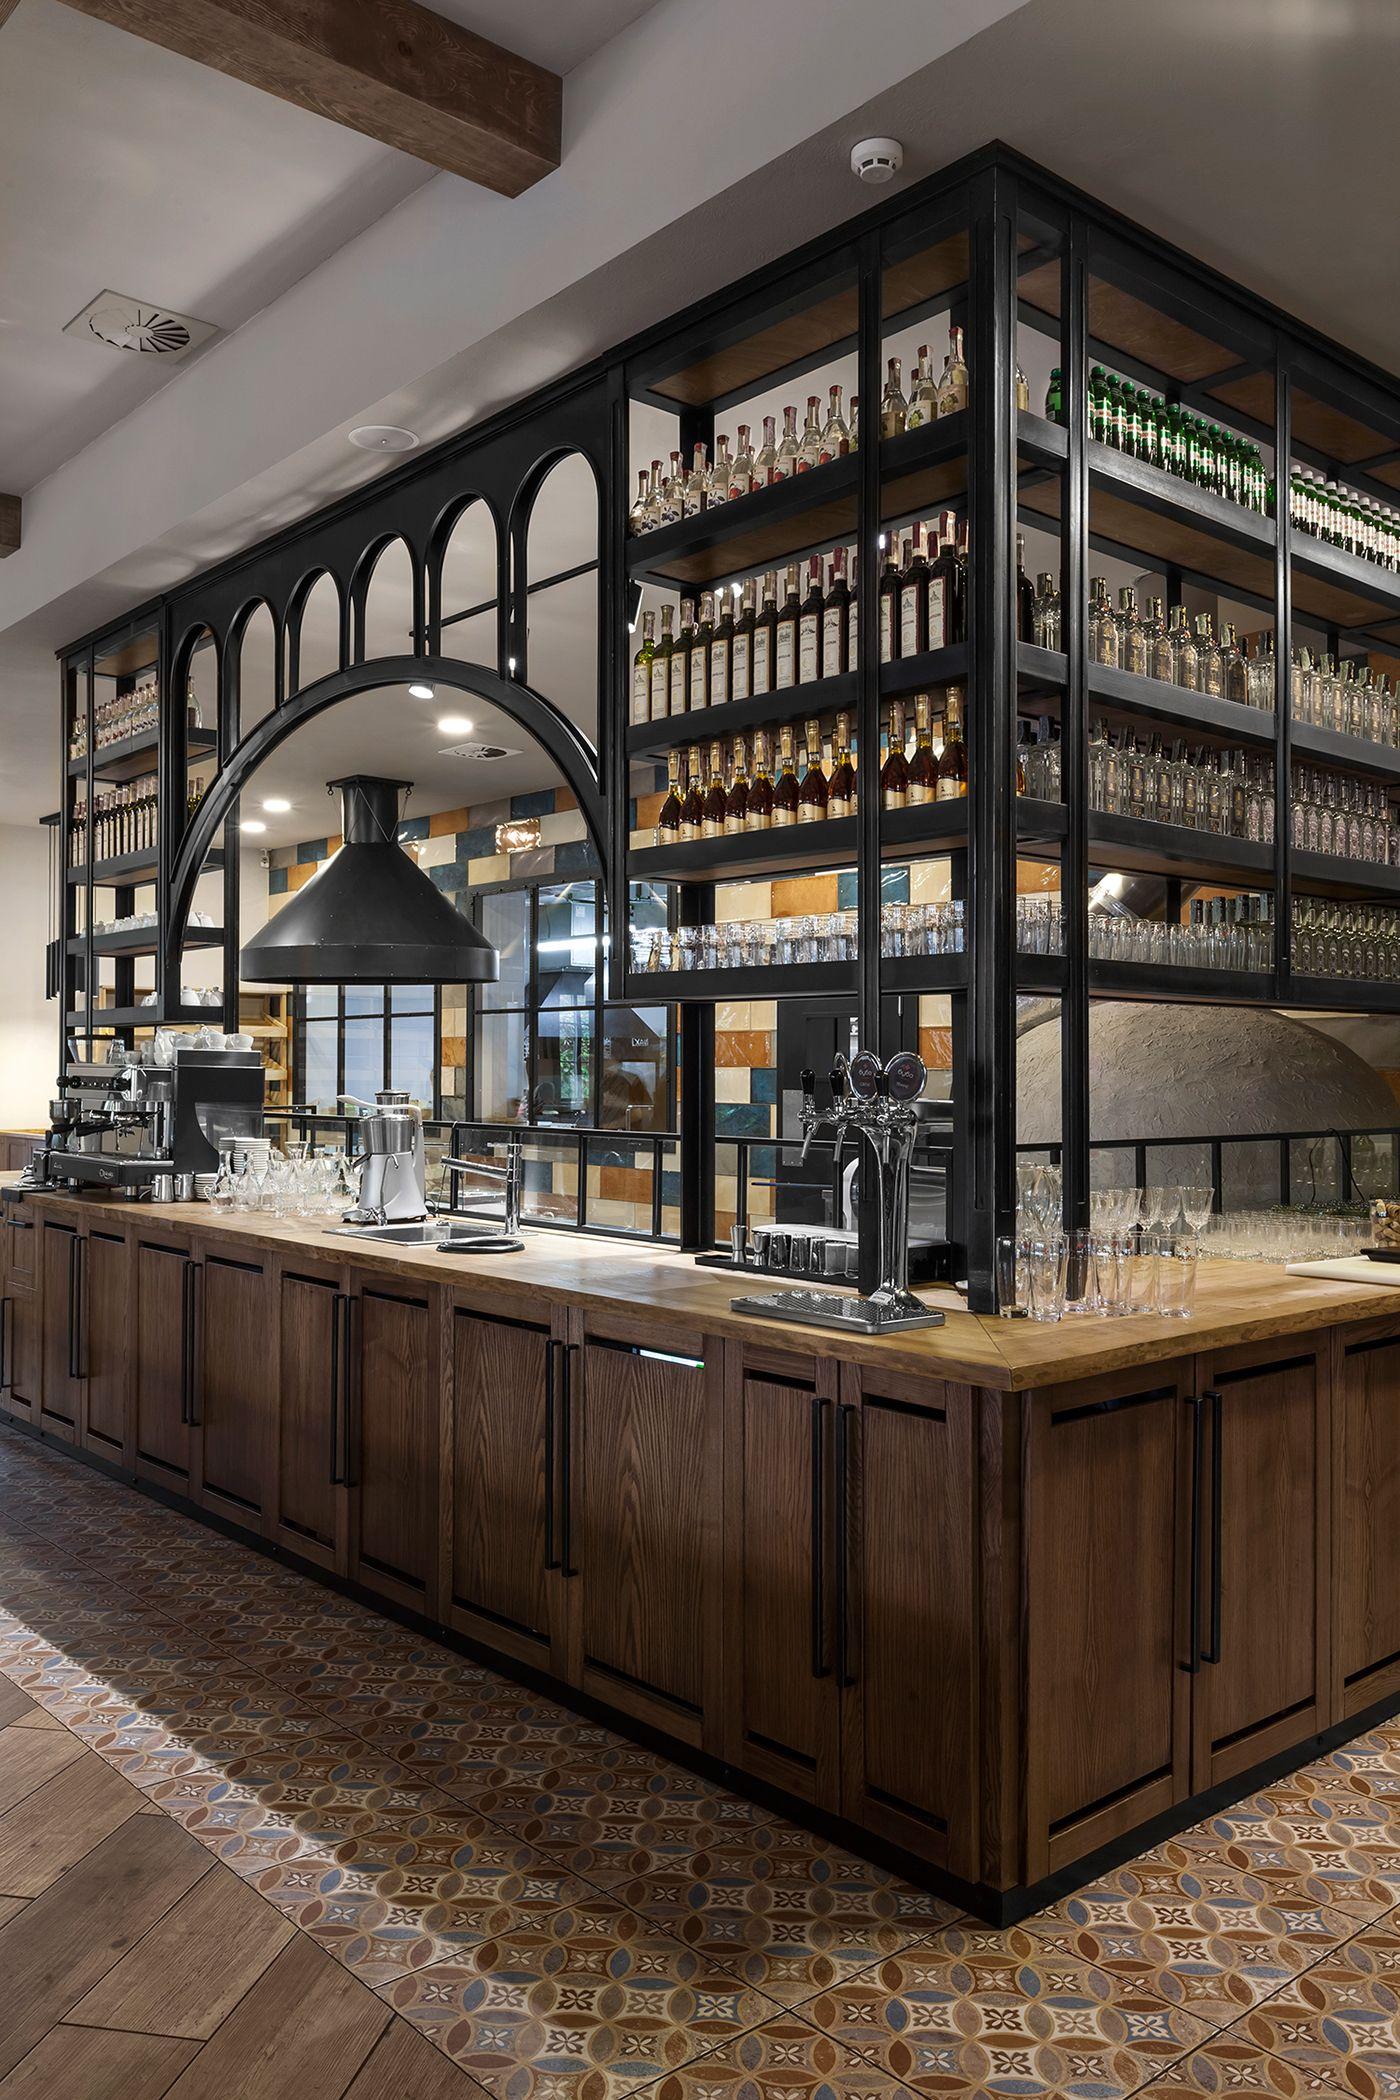 Cucina Interior Design Unity